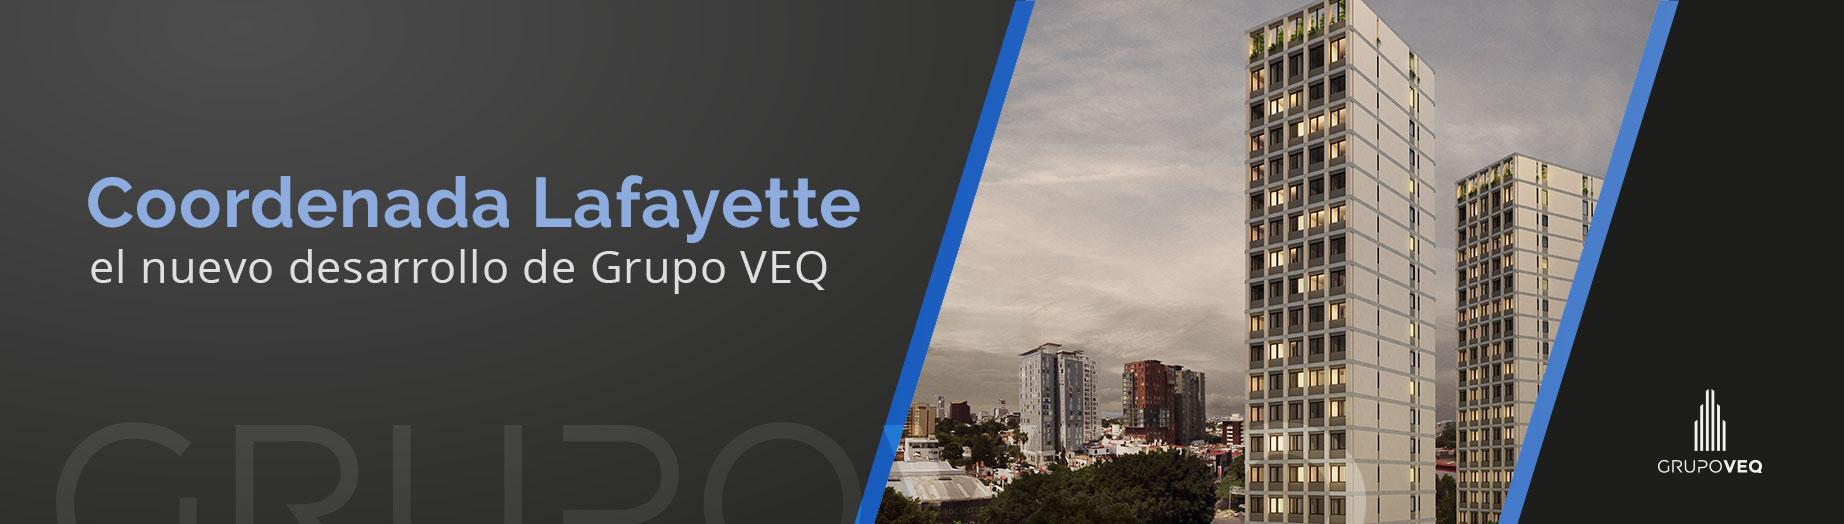 Conoce-Coordenada-Lafayette-el-nuevo-desarrollo-de-Grupo-VEQ